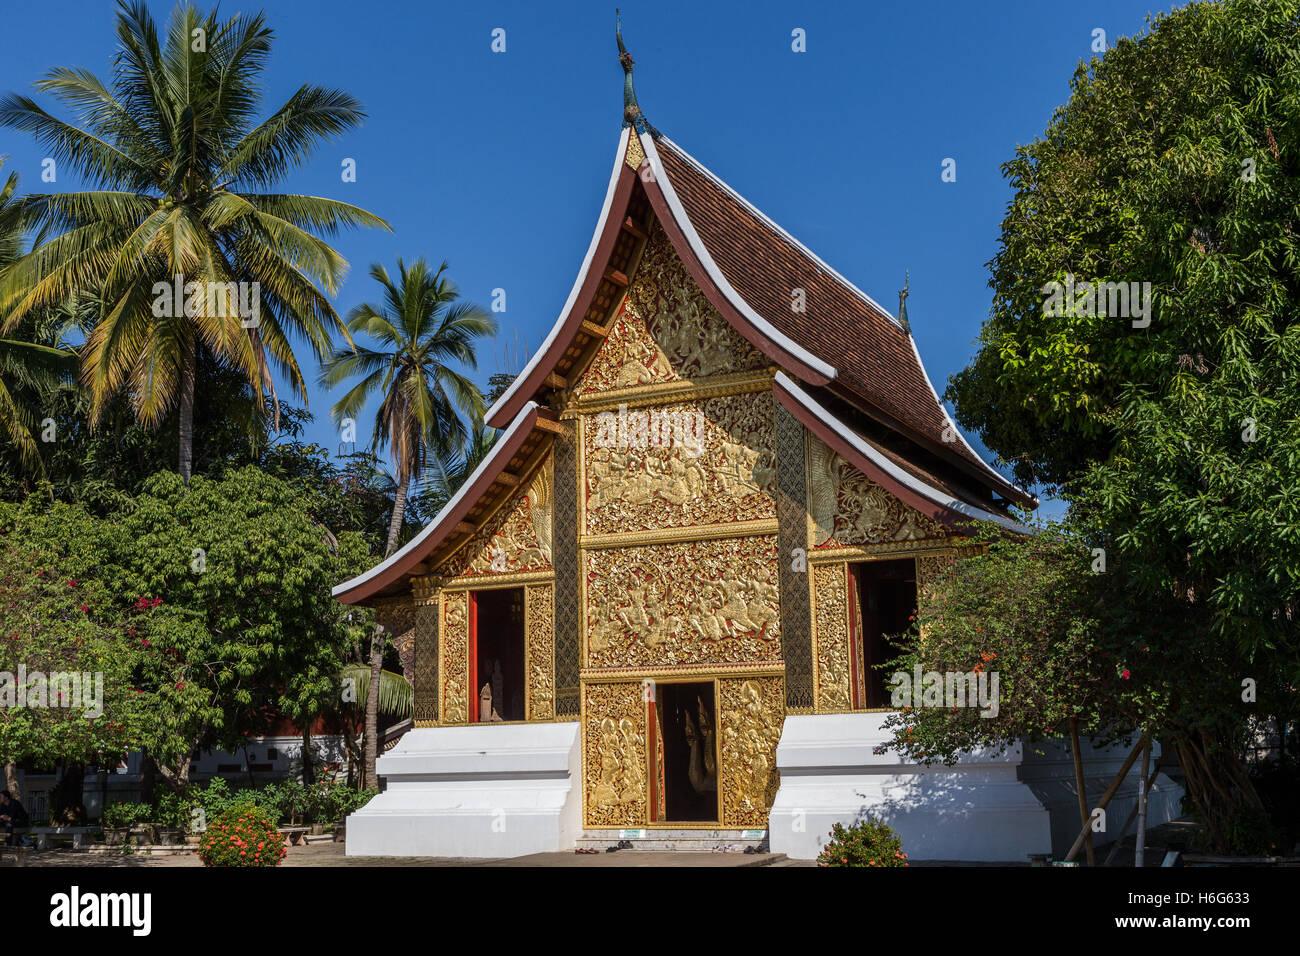 Wat Xieng Maun templeLuang Prabang Laos - oldest temple from 1500s - Stock Image